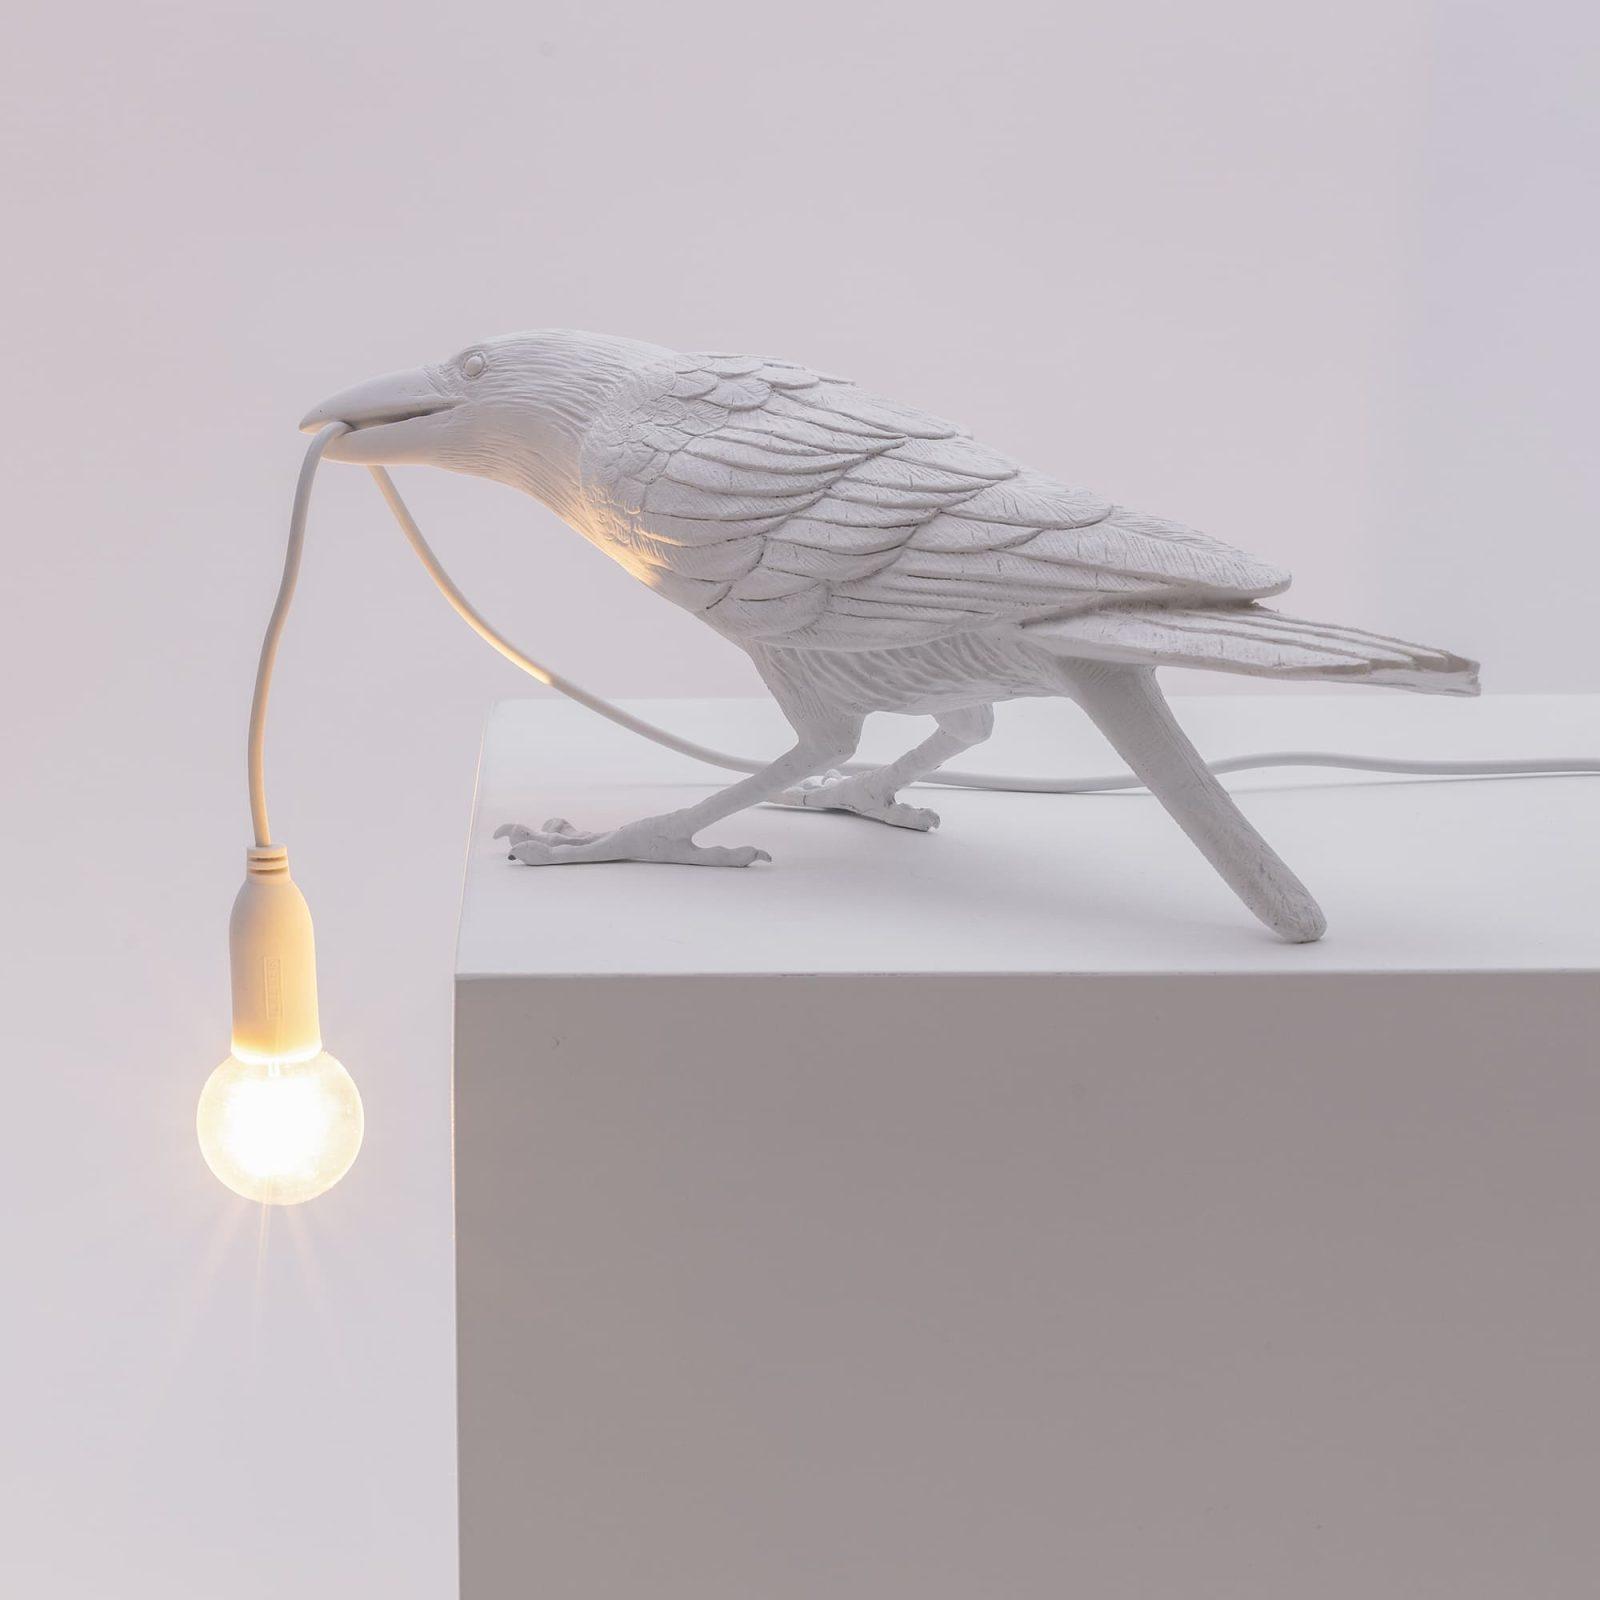 bird-lamp-playing-white-5